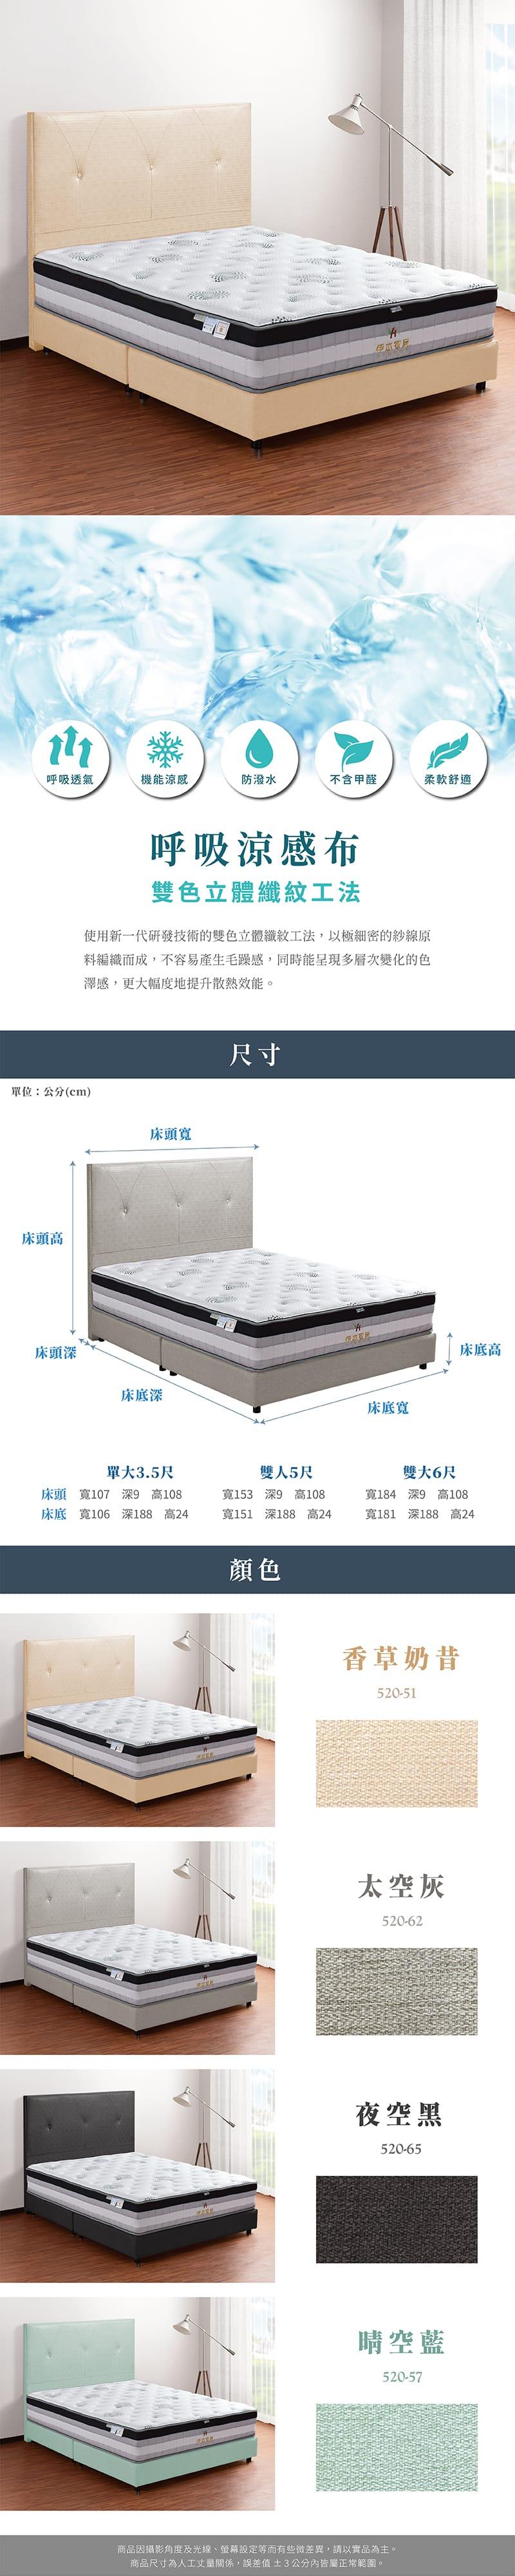 傑森 涼感布床組兩件 單人加大3.5尺(床頭片+床底)